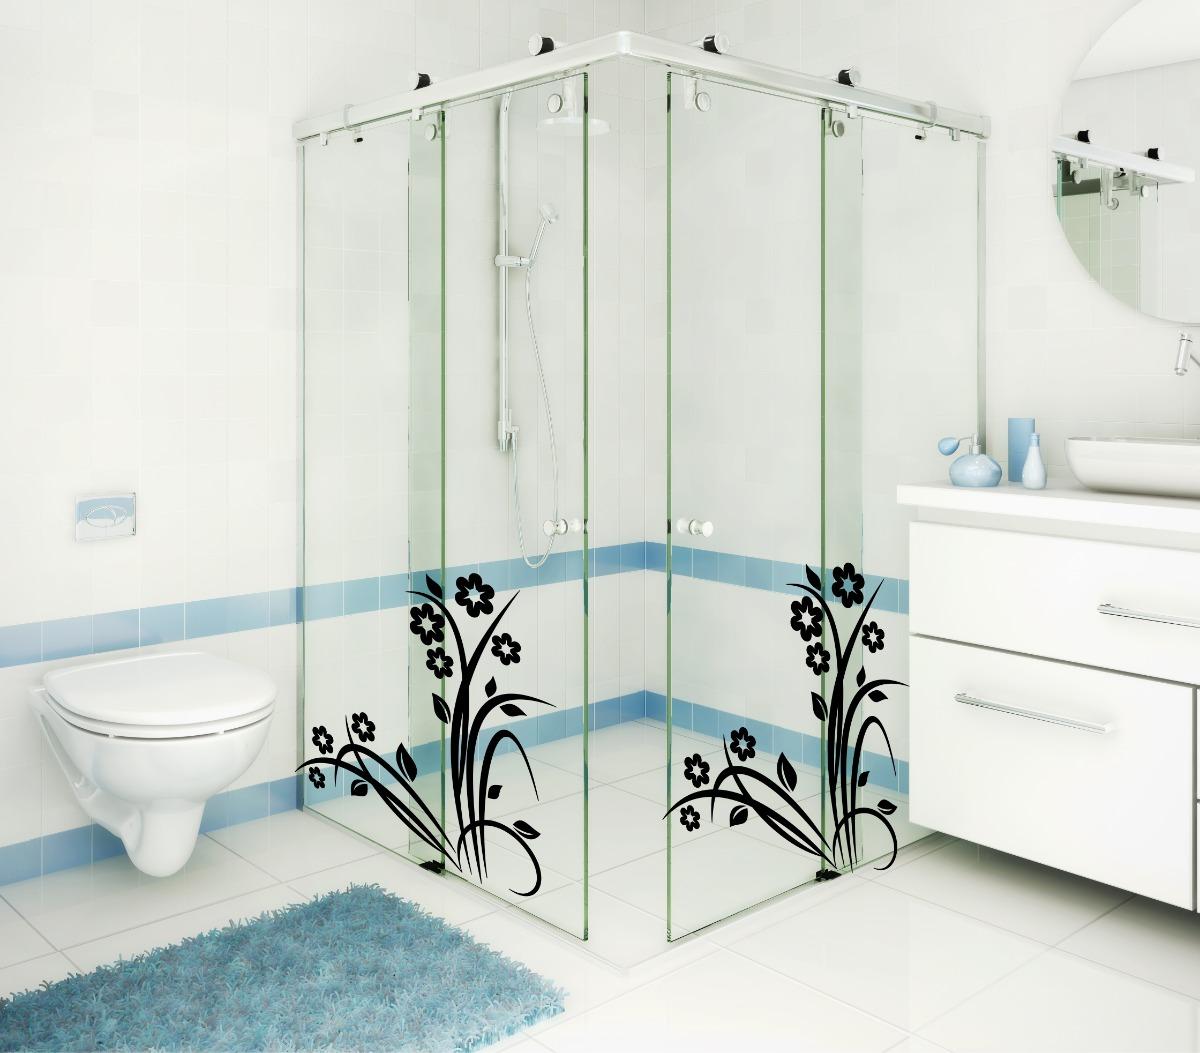 Tuca Artesanato Resende Costa ~ Adesivo Decorativo Parede Banheiro Box Vidro Floral Flores R$ 19,98 em Mercado Livre